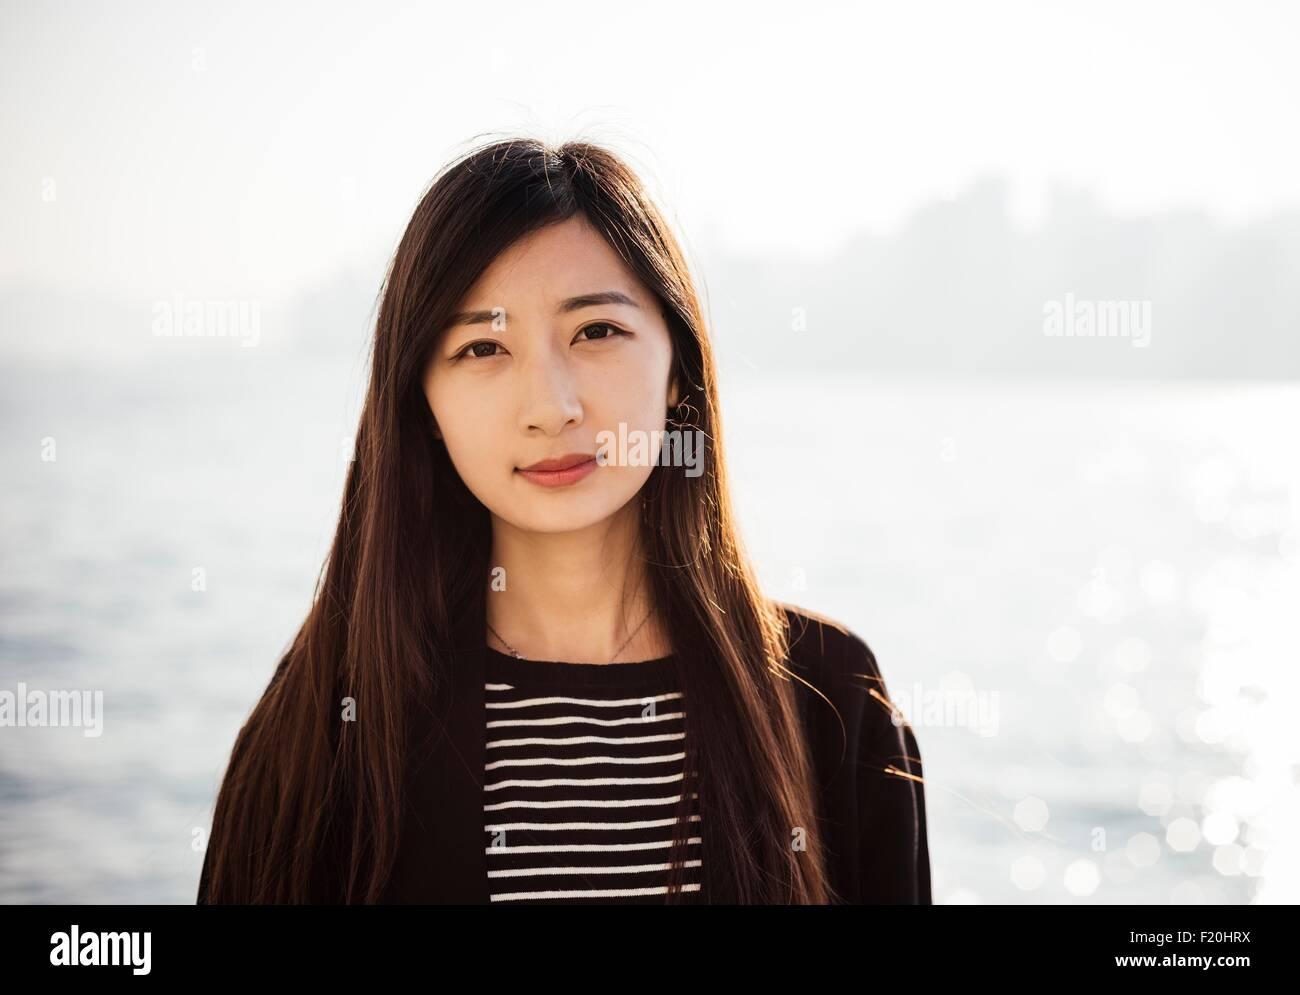 Ritratto di giovane donna con lunghi capelli bruna indossando striped top guardando la fotocamera Immagini Stock